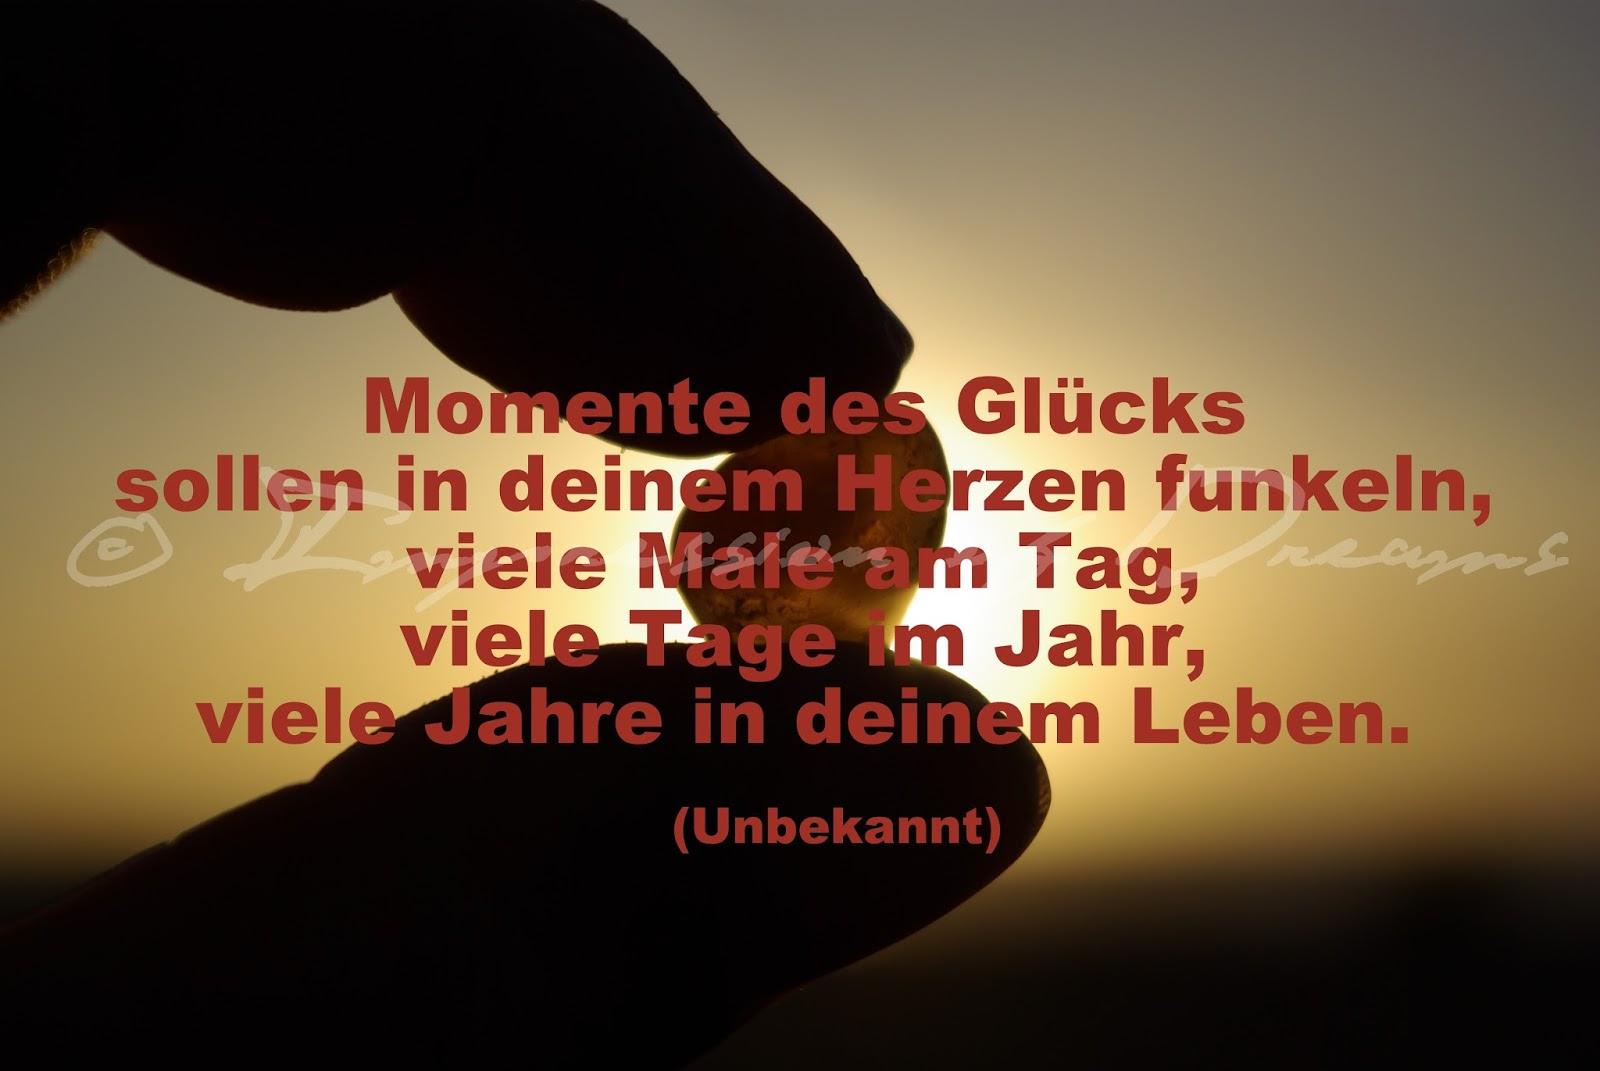 Momente des Glücks sollen in deinem Herzen funkeln, viele Male am Tag, viele Tage im Jahr, viele Jahre in deinem Leben